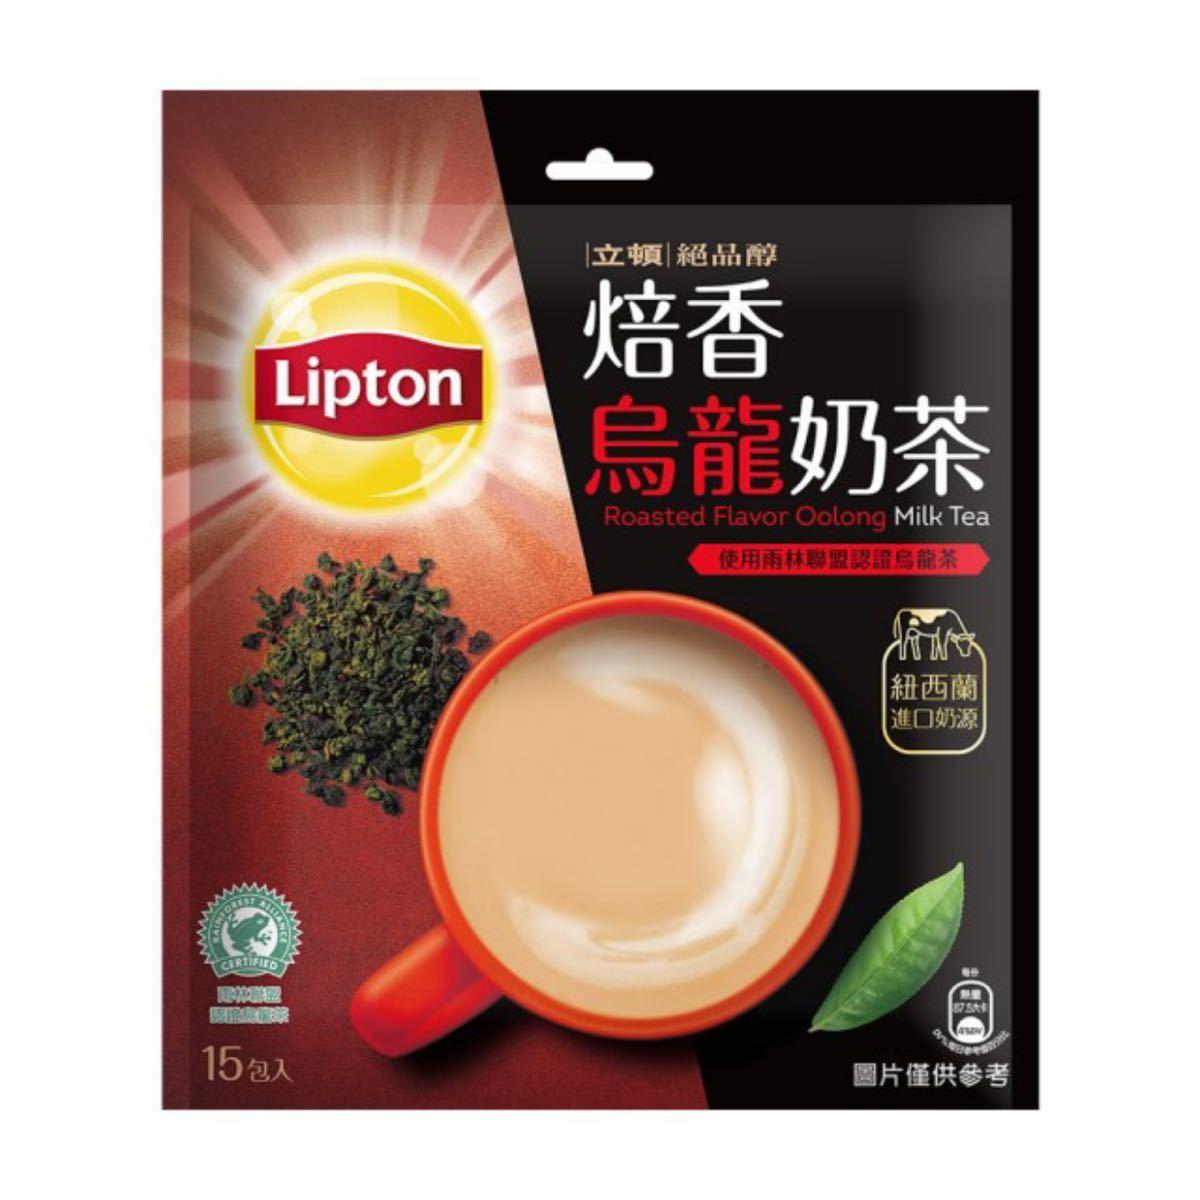 台湾 リプトン 焙香烏龍茶  ウーロンミルクティー